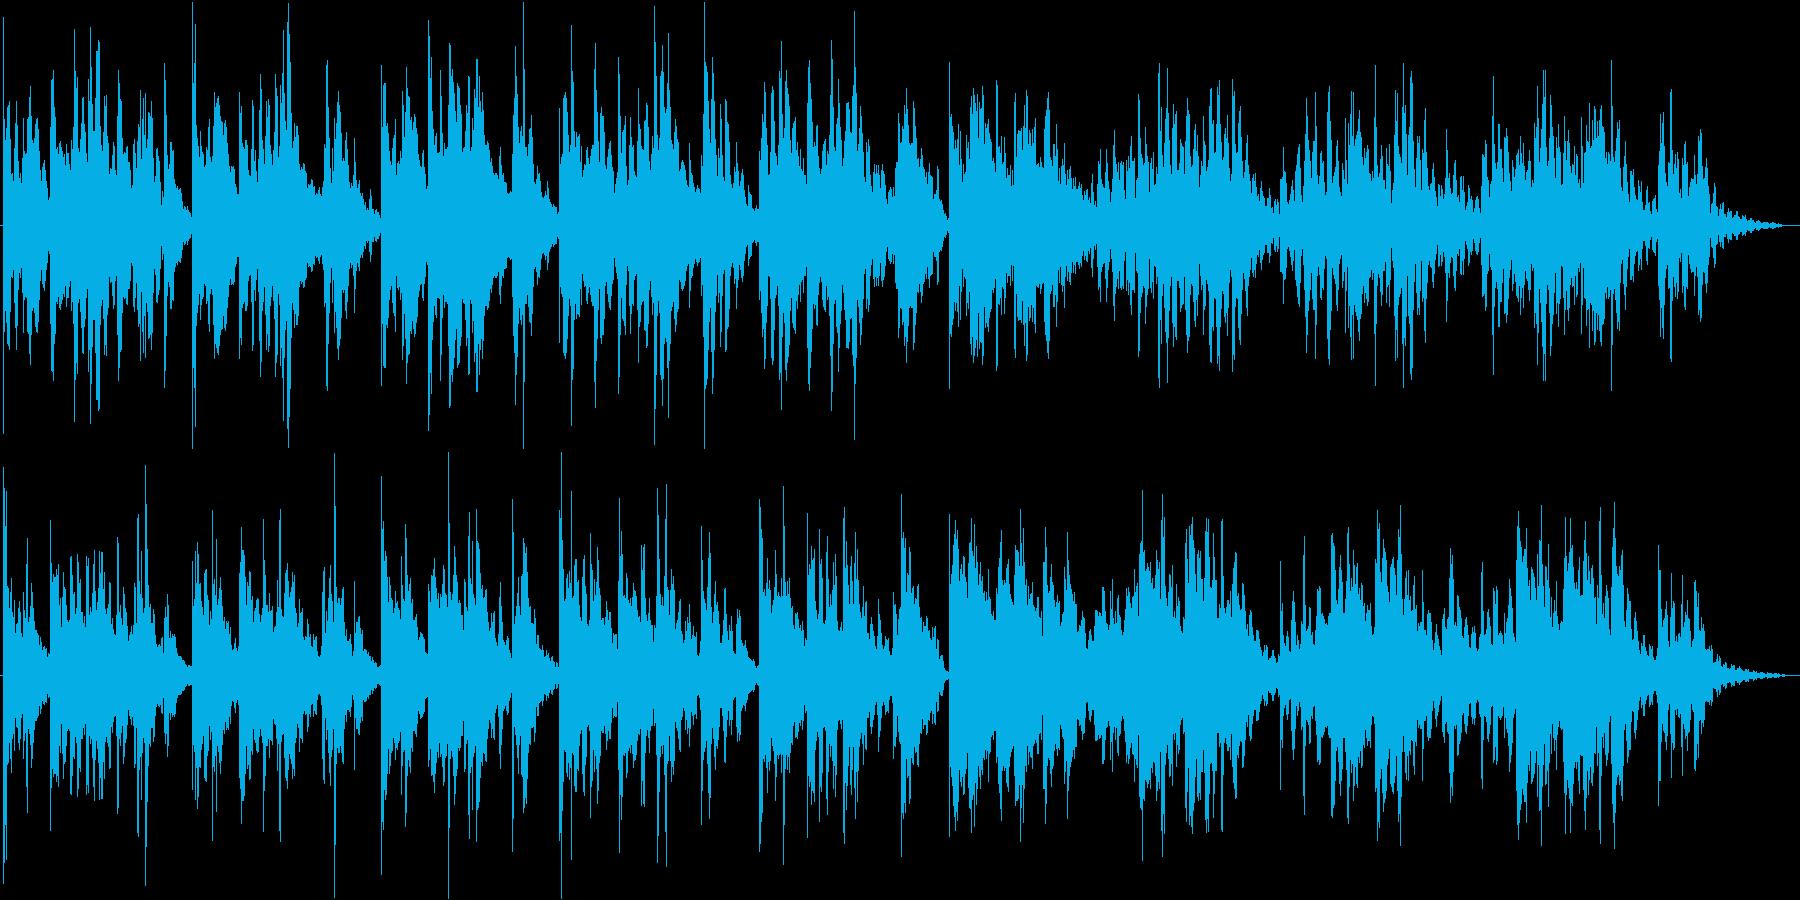 雨のようなエレキピアノとベルの響きの再生済みの波形